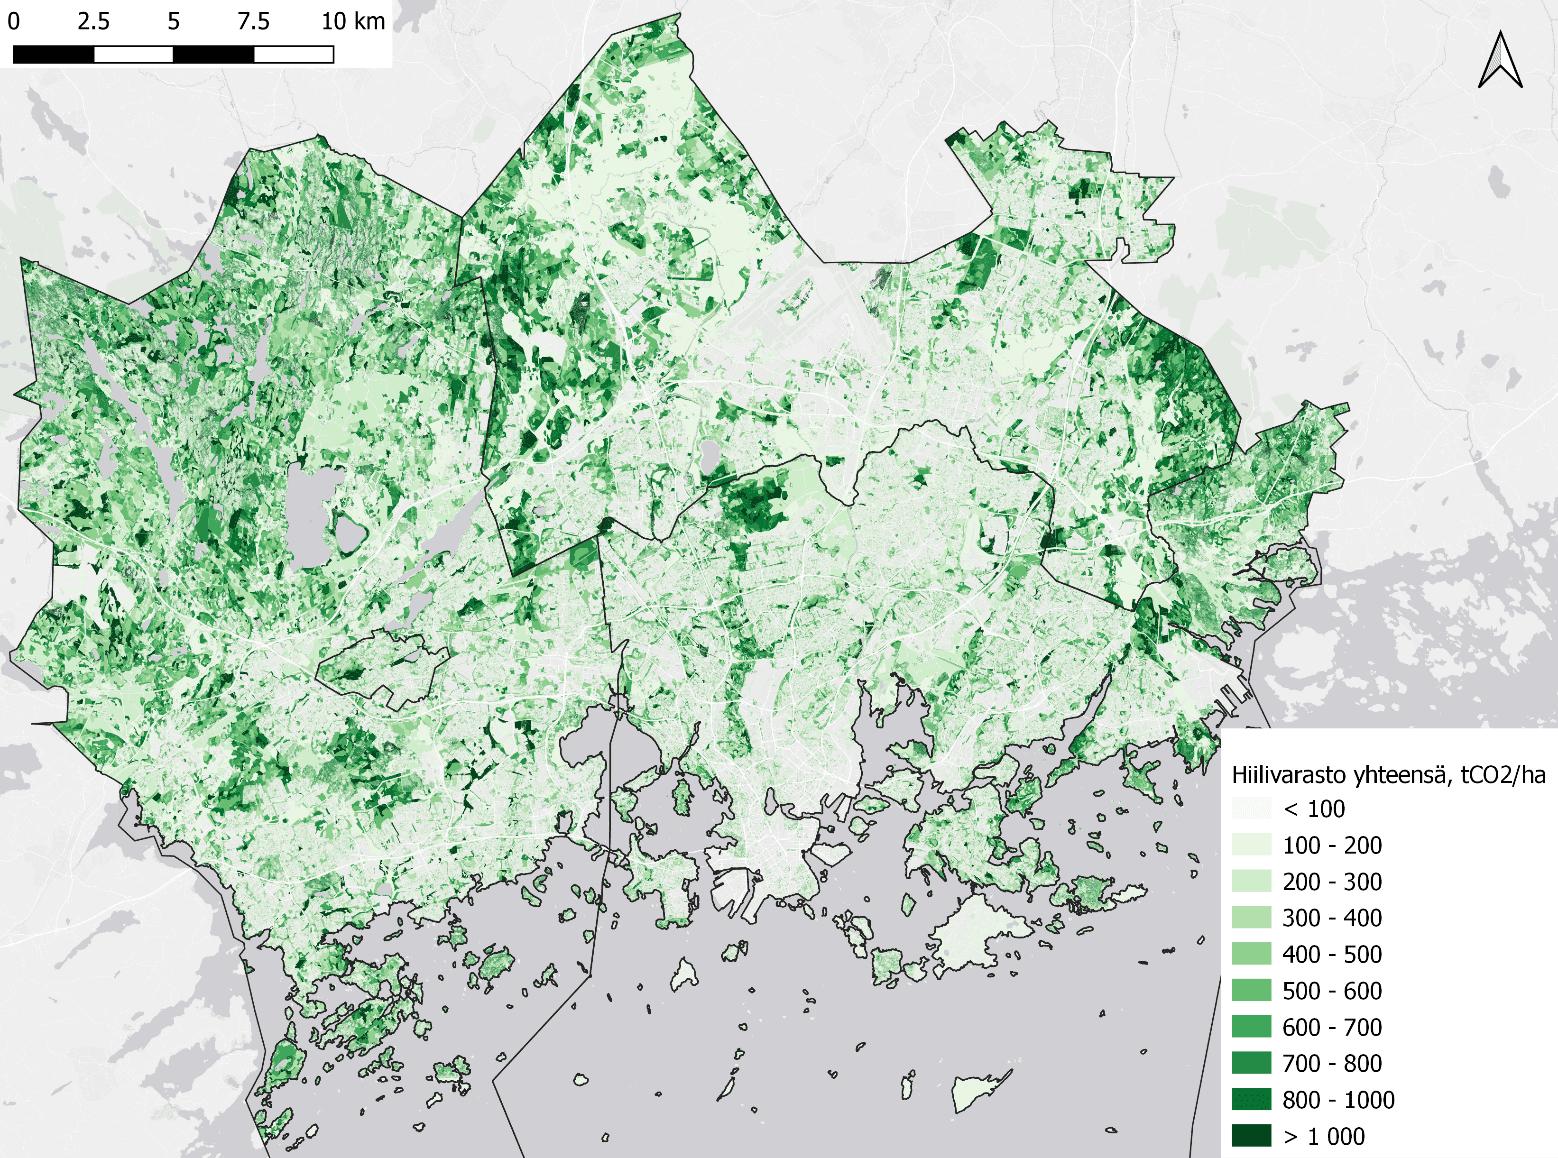 Pääkaupunkiseudun hiilivarastot. Kartta: HSY